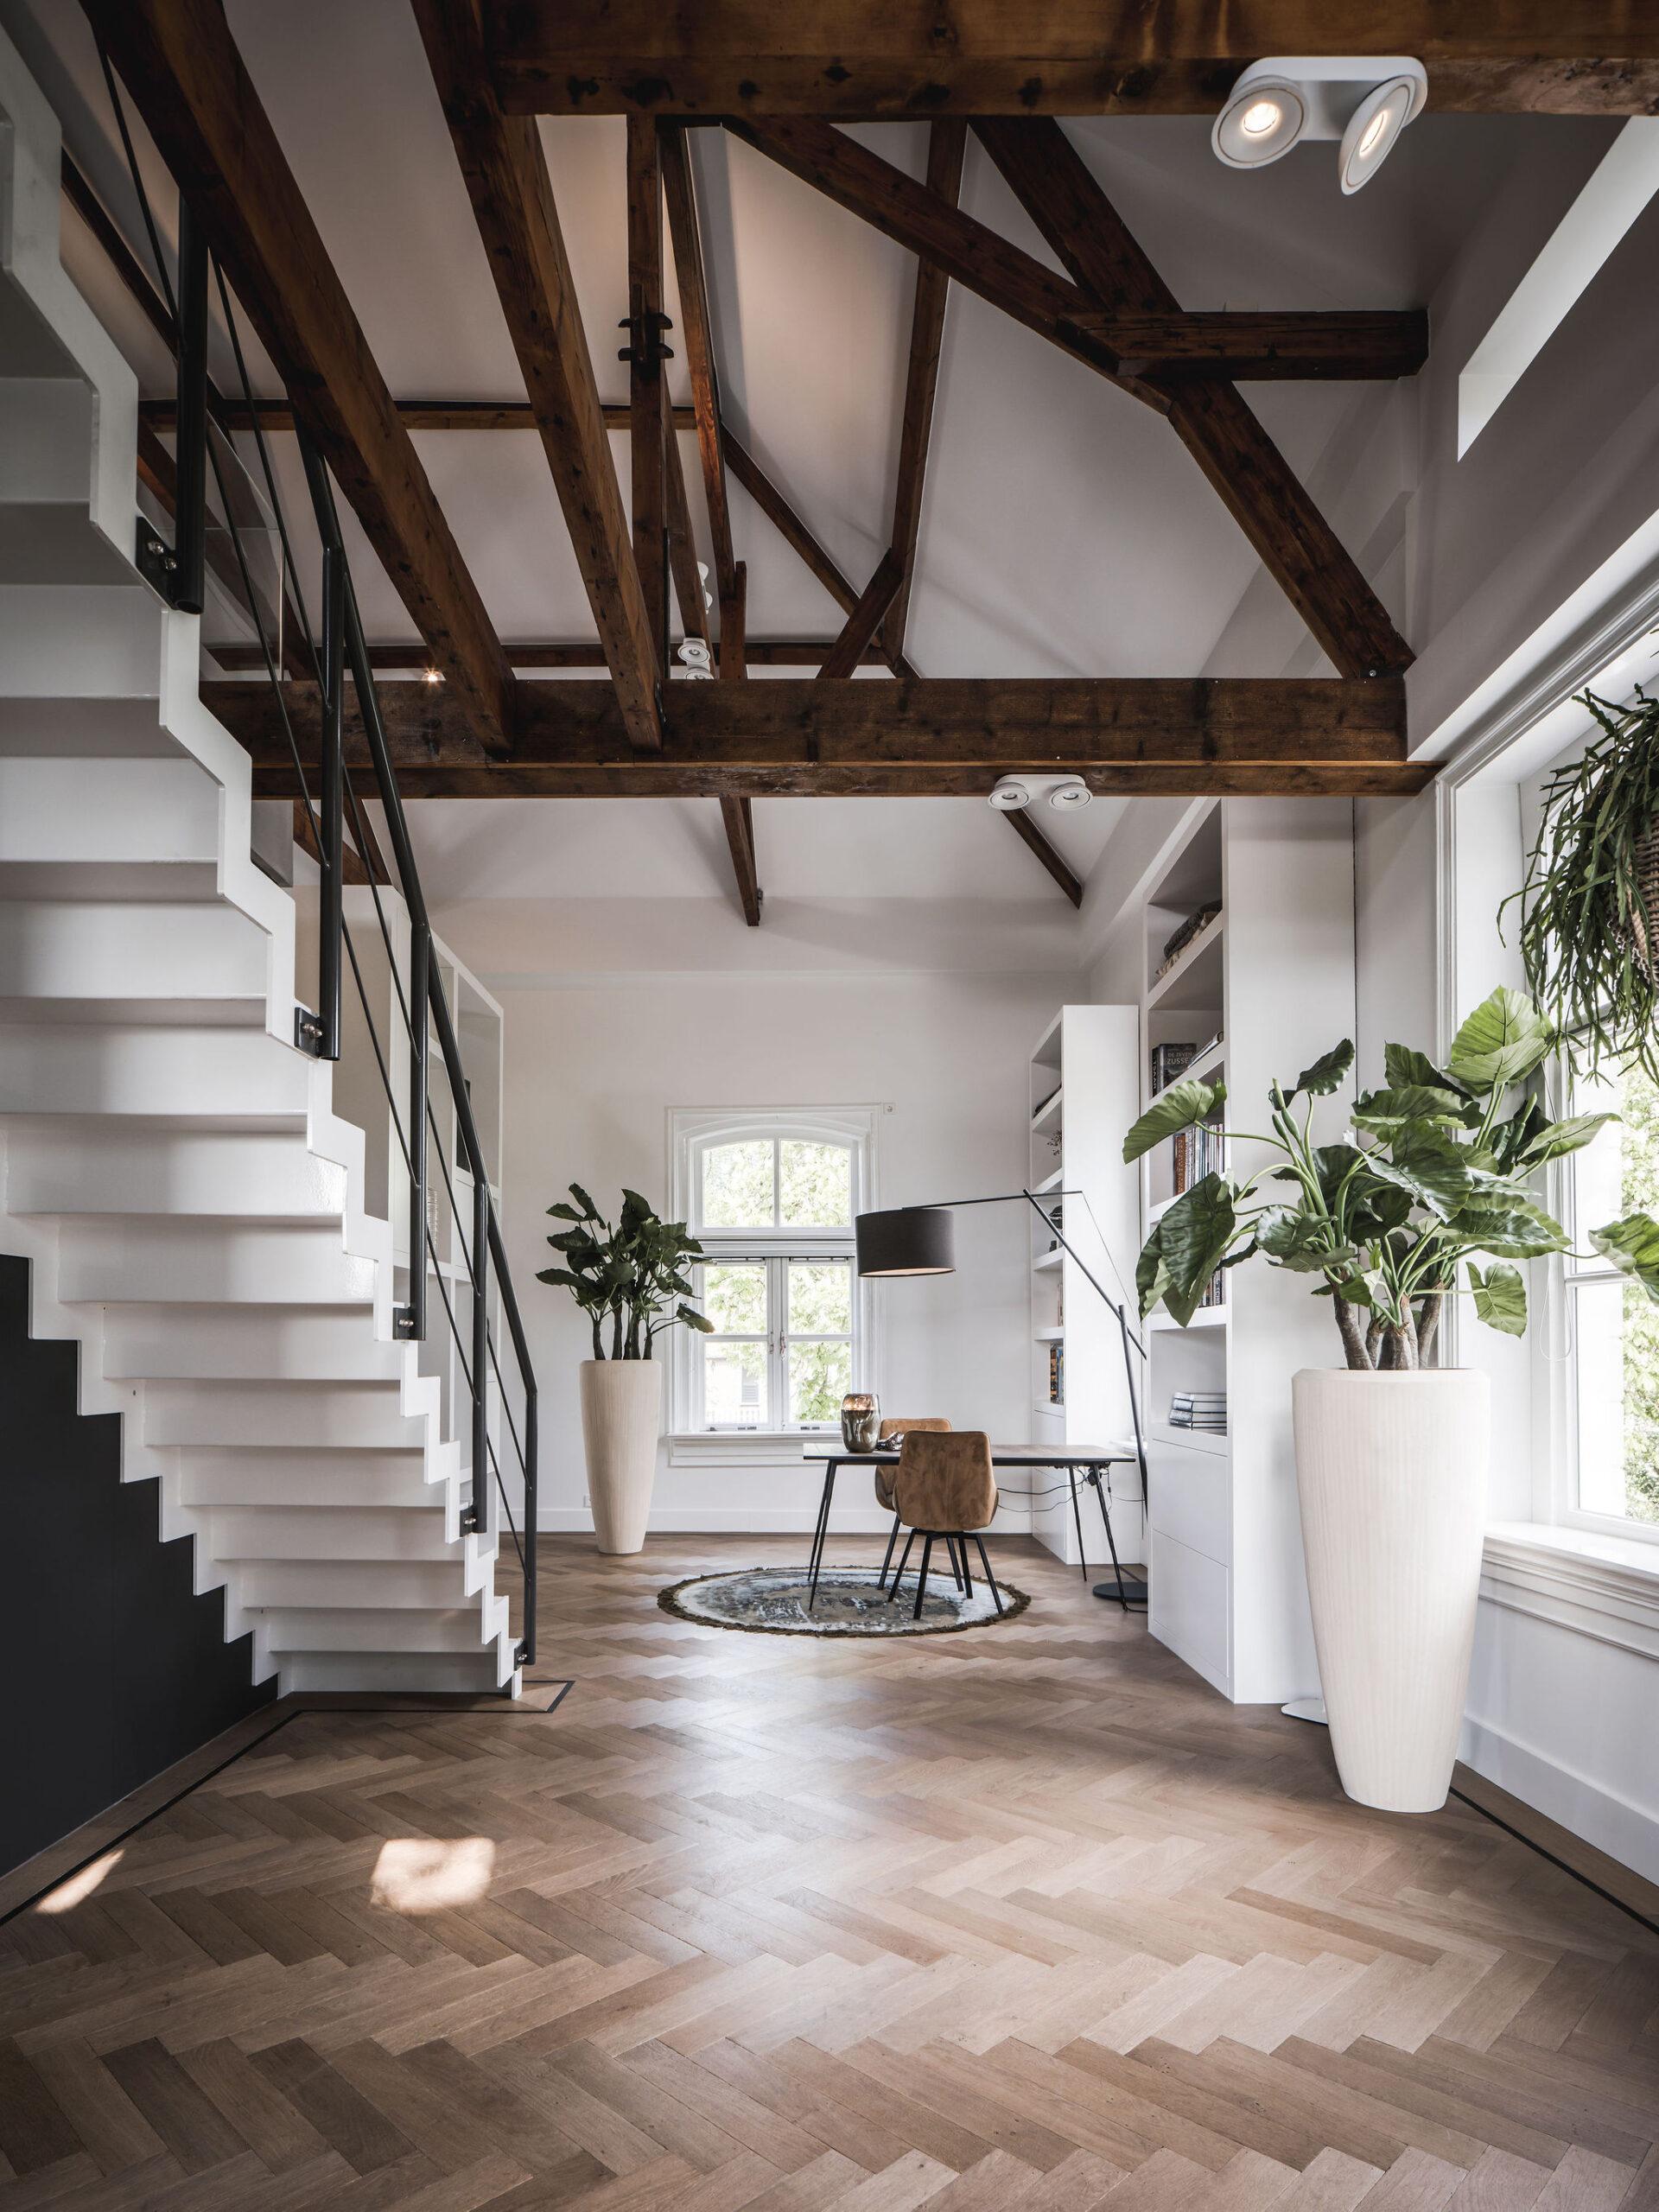 interieurarchitect Stan Wildenberg luxury design trap maatwerk